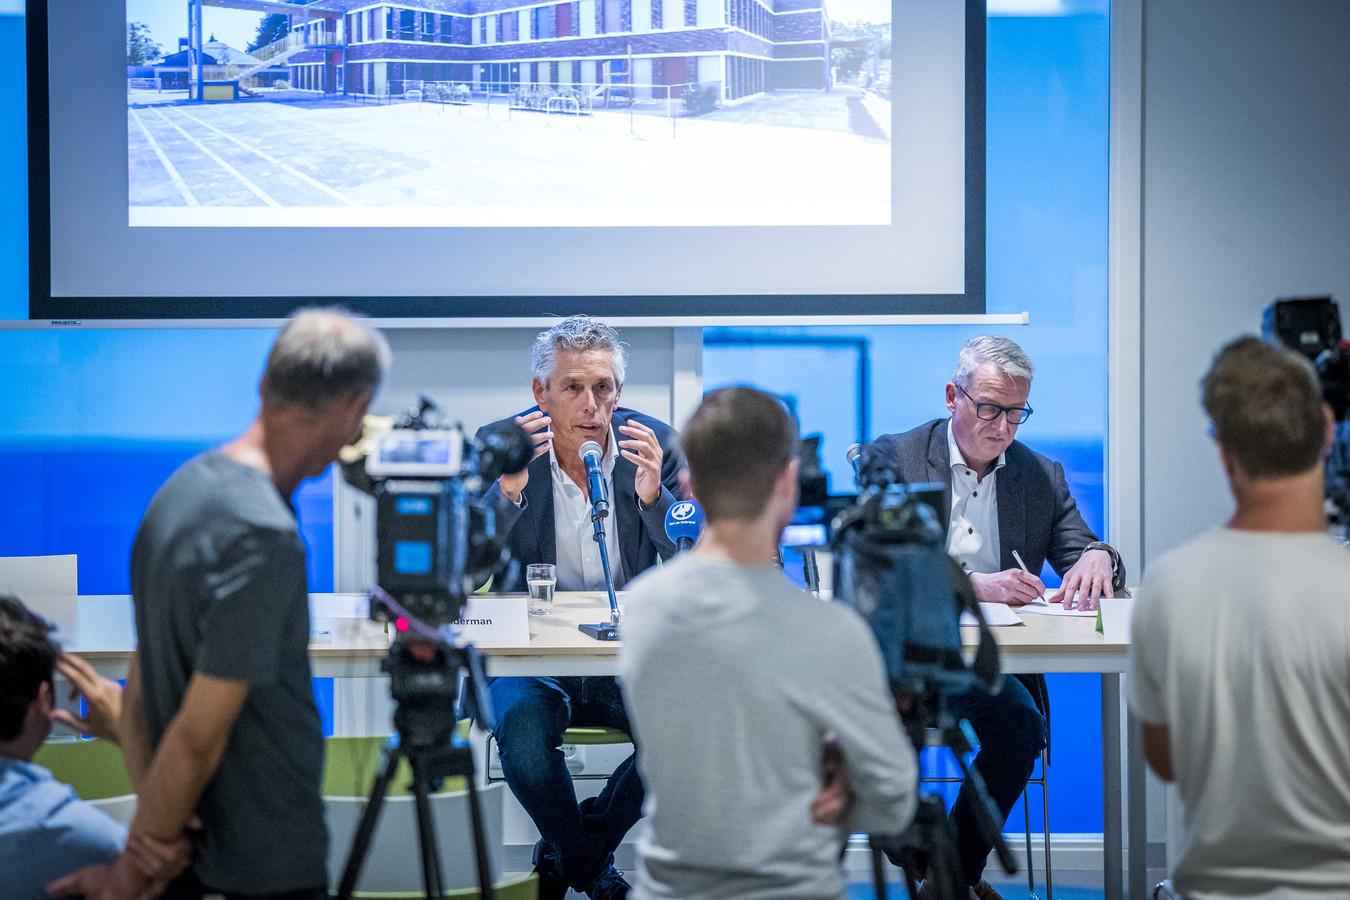 Persconferentie op de school in Roermond. Voorzitter Hans Kelderman (links) van het College van Bestuur van de Aloysiusstichting en schooldirecteur Jacques Verstegen van KEC de Donderberg.